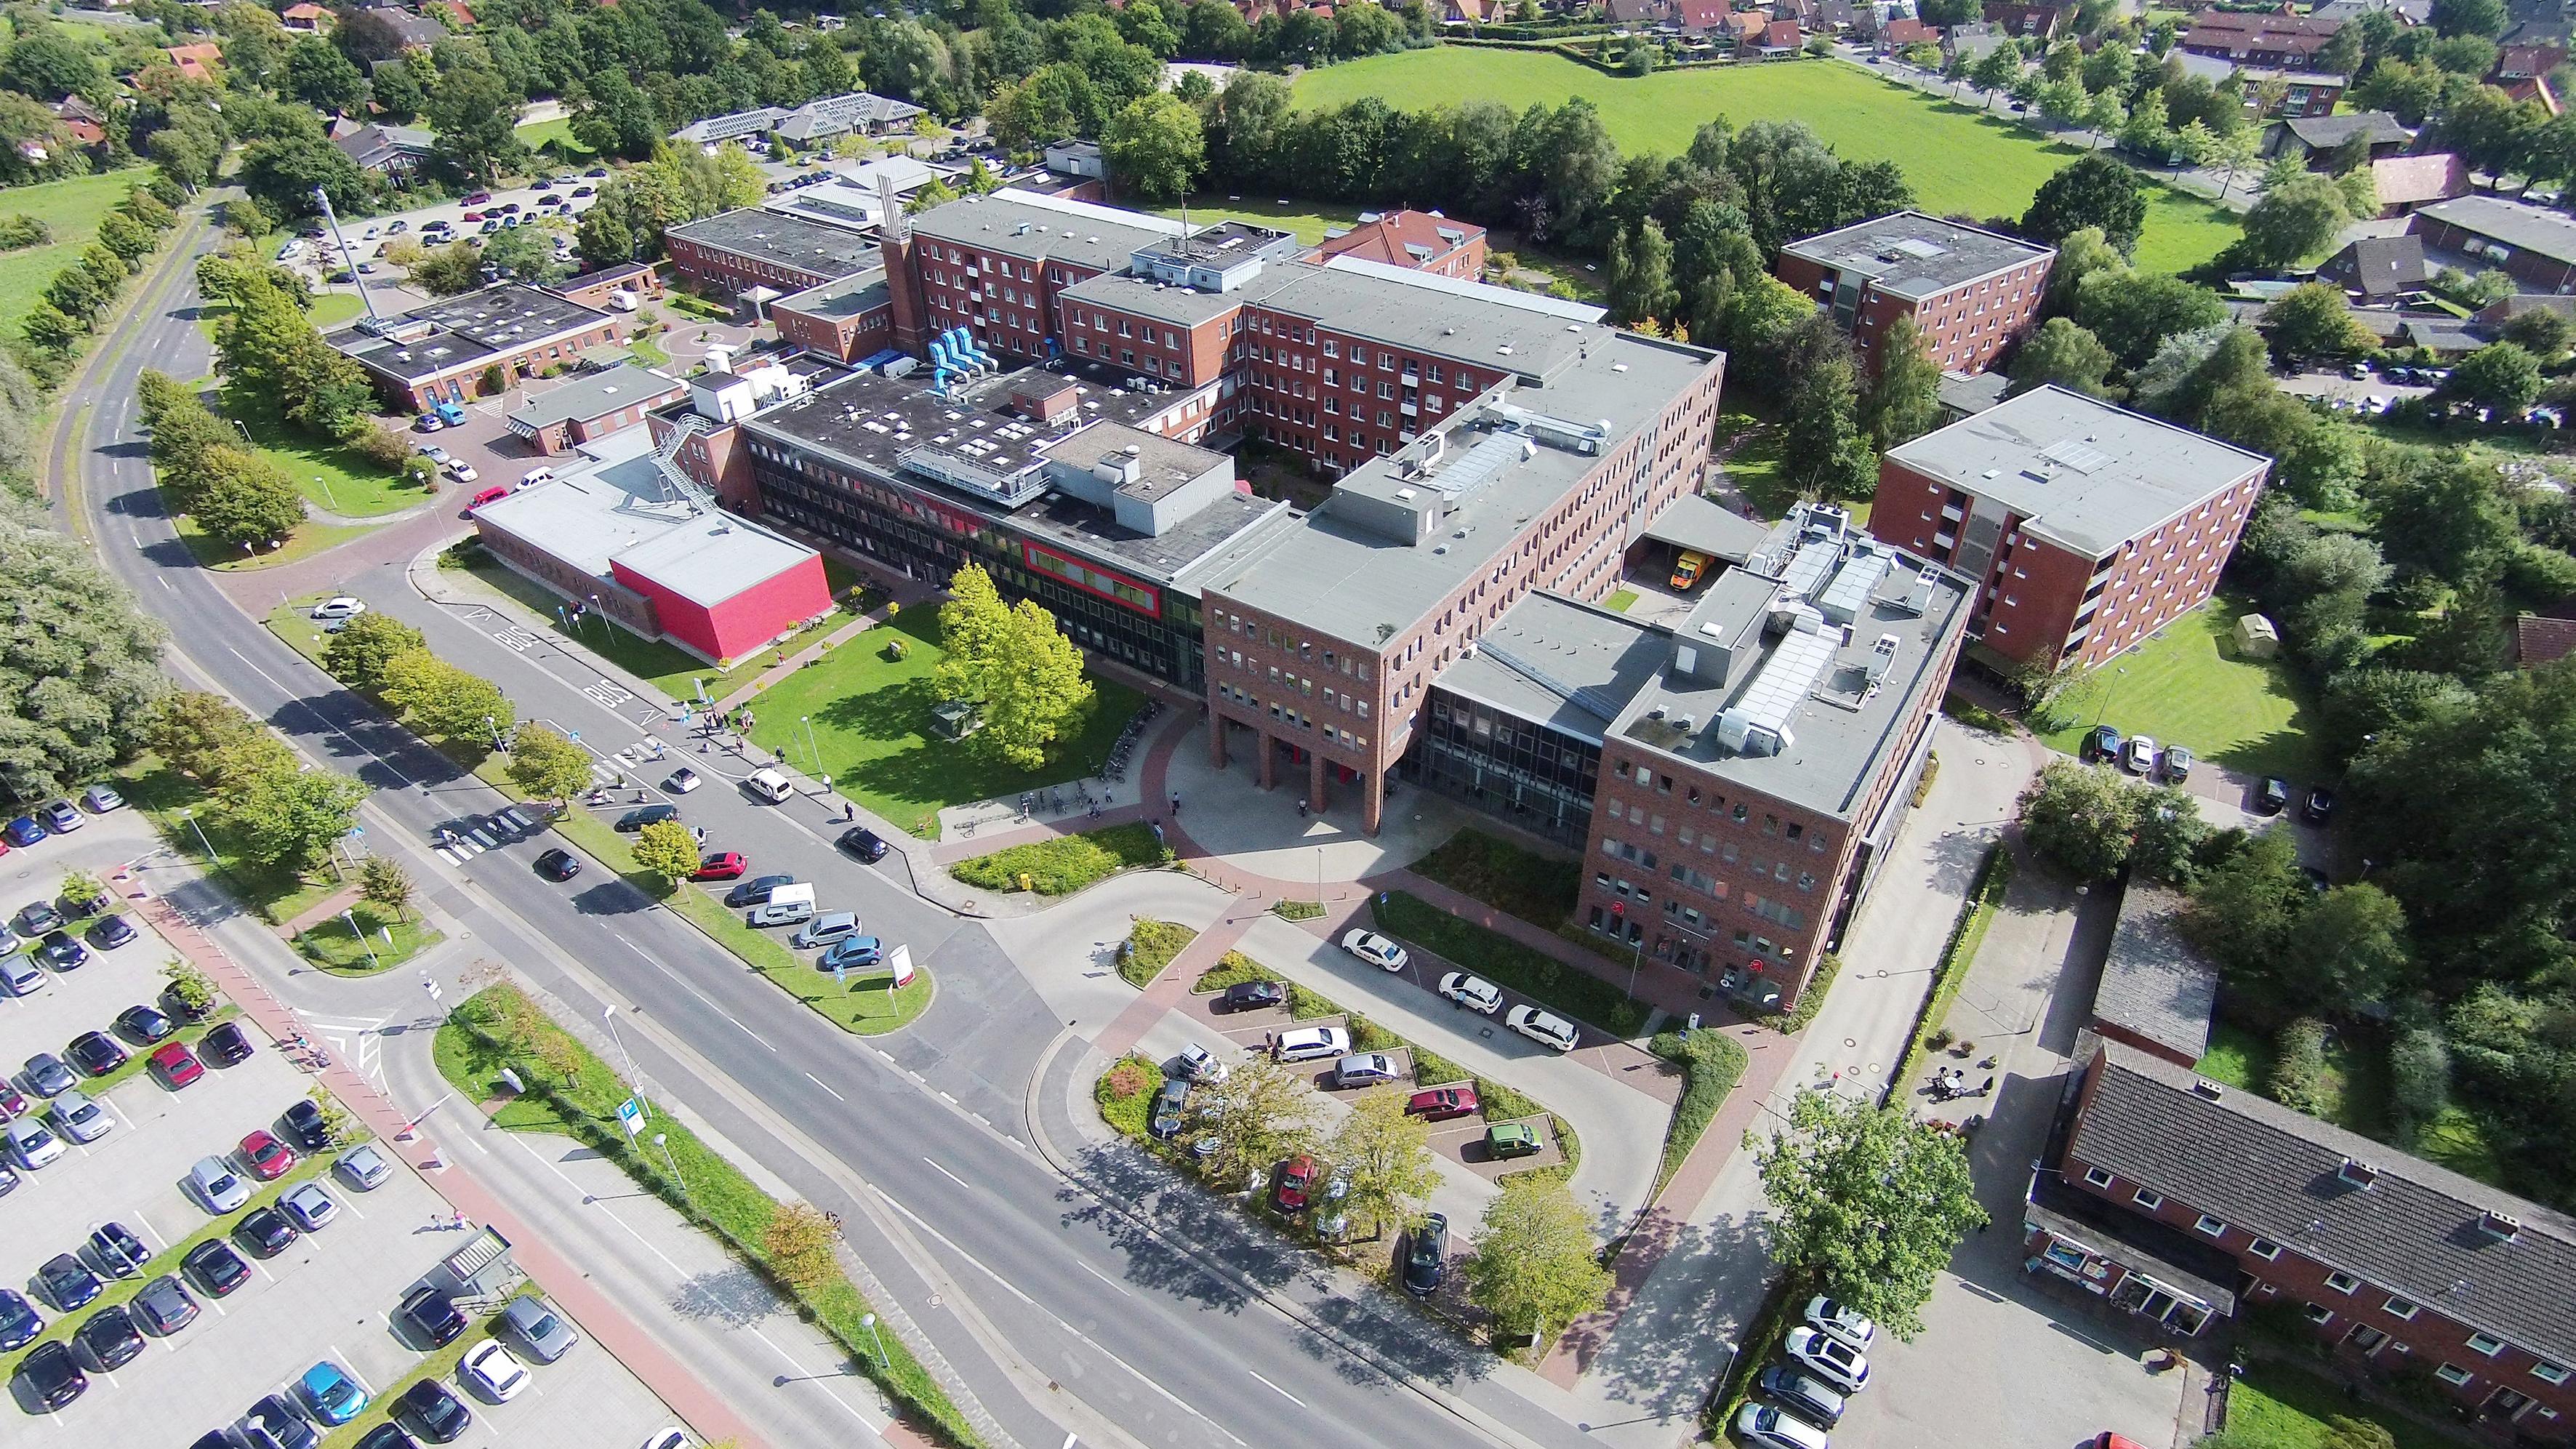 UEK-Aurich.jpg – Ubbo-Emmius-Klinik